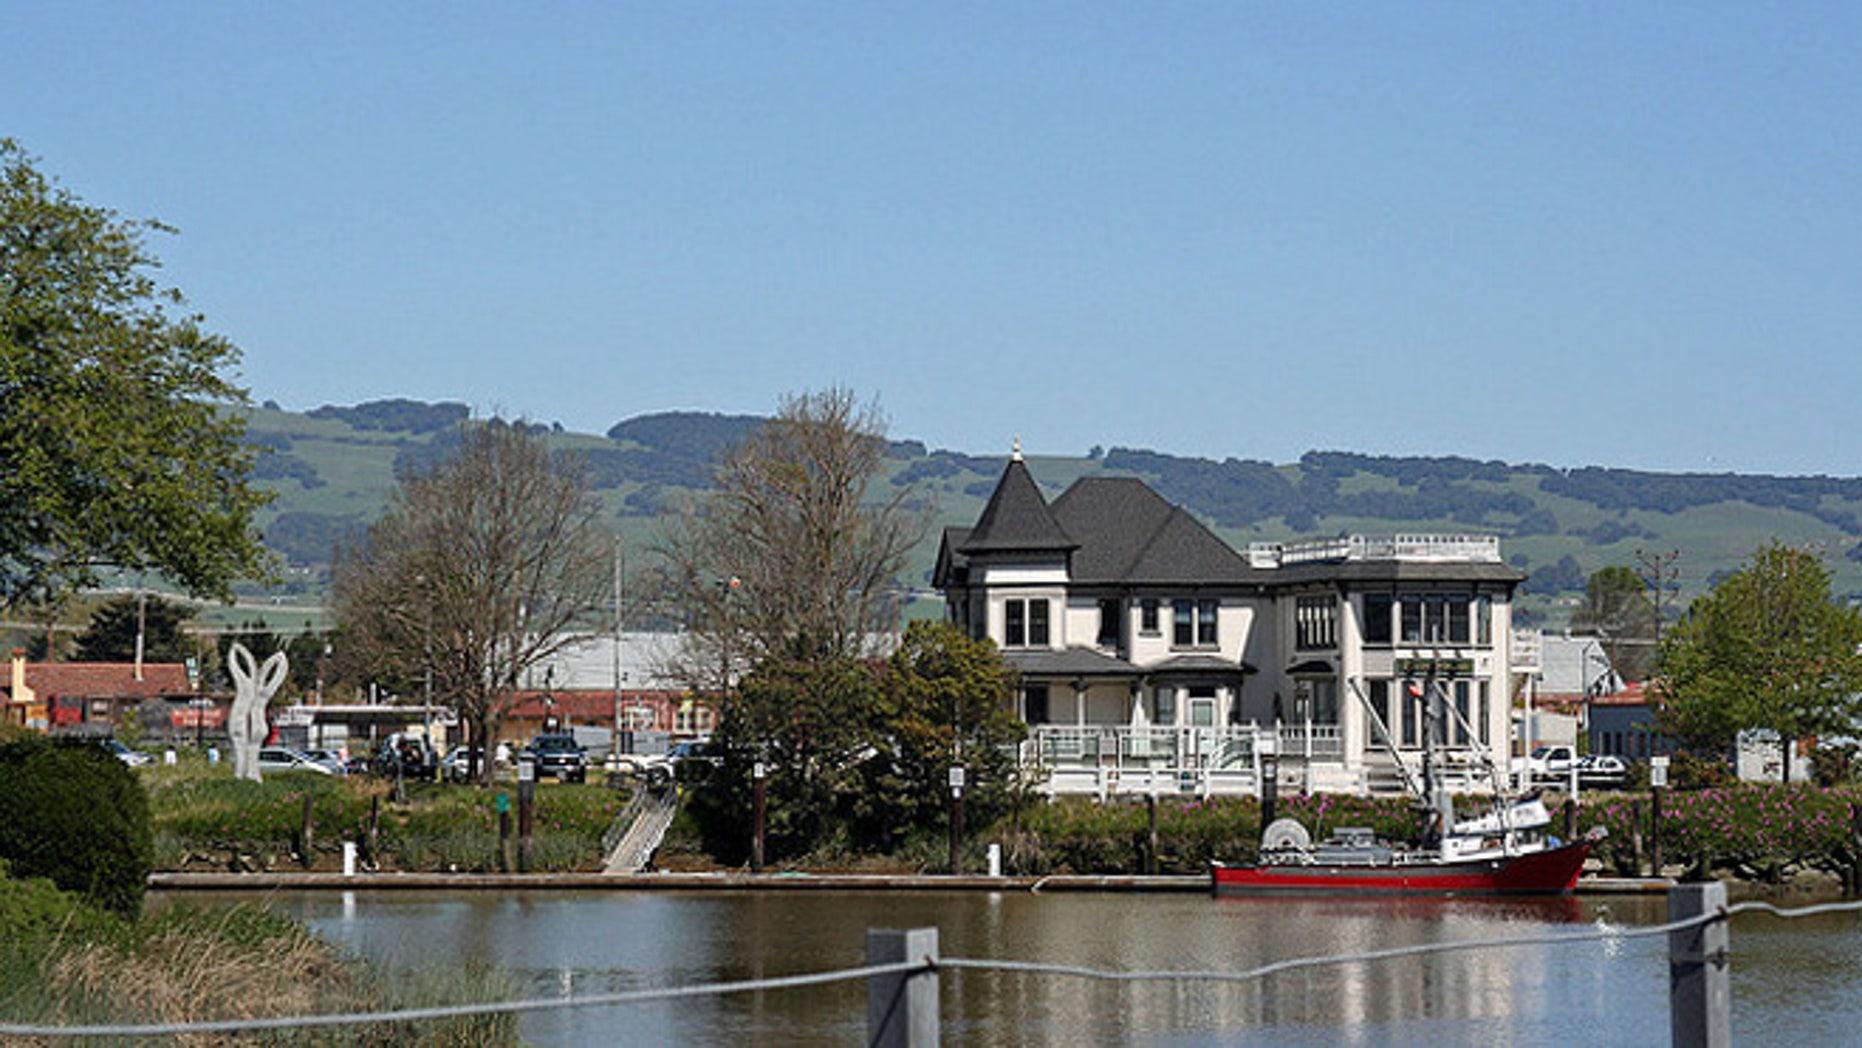 The California town of Petaluma.